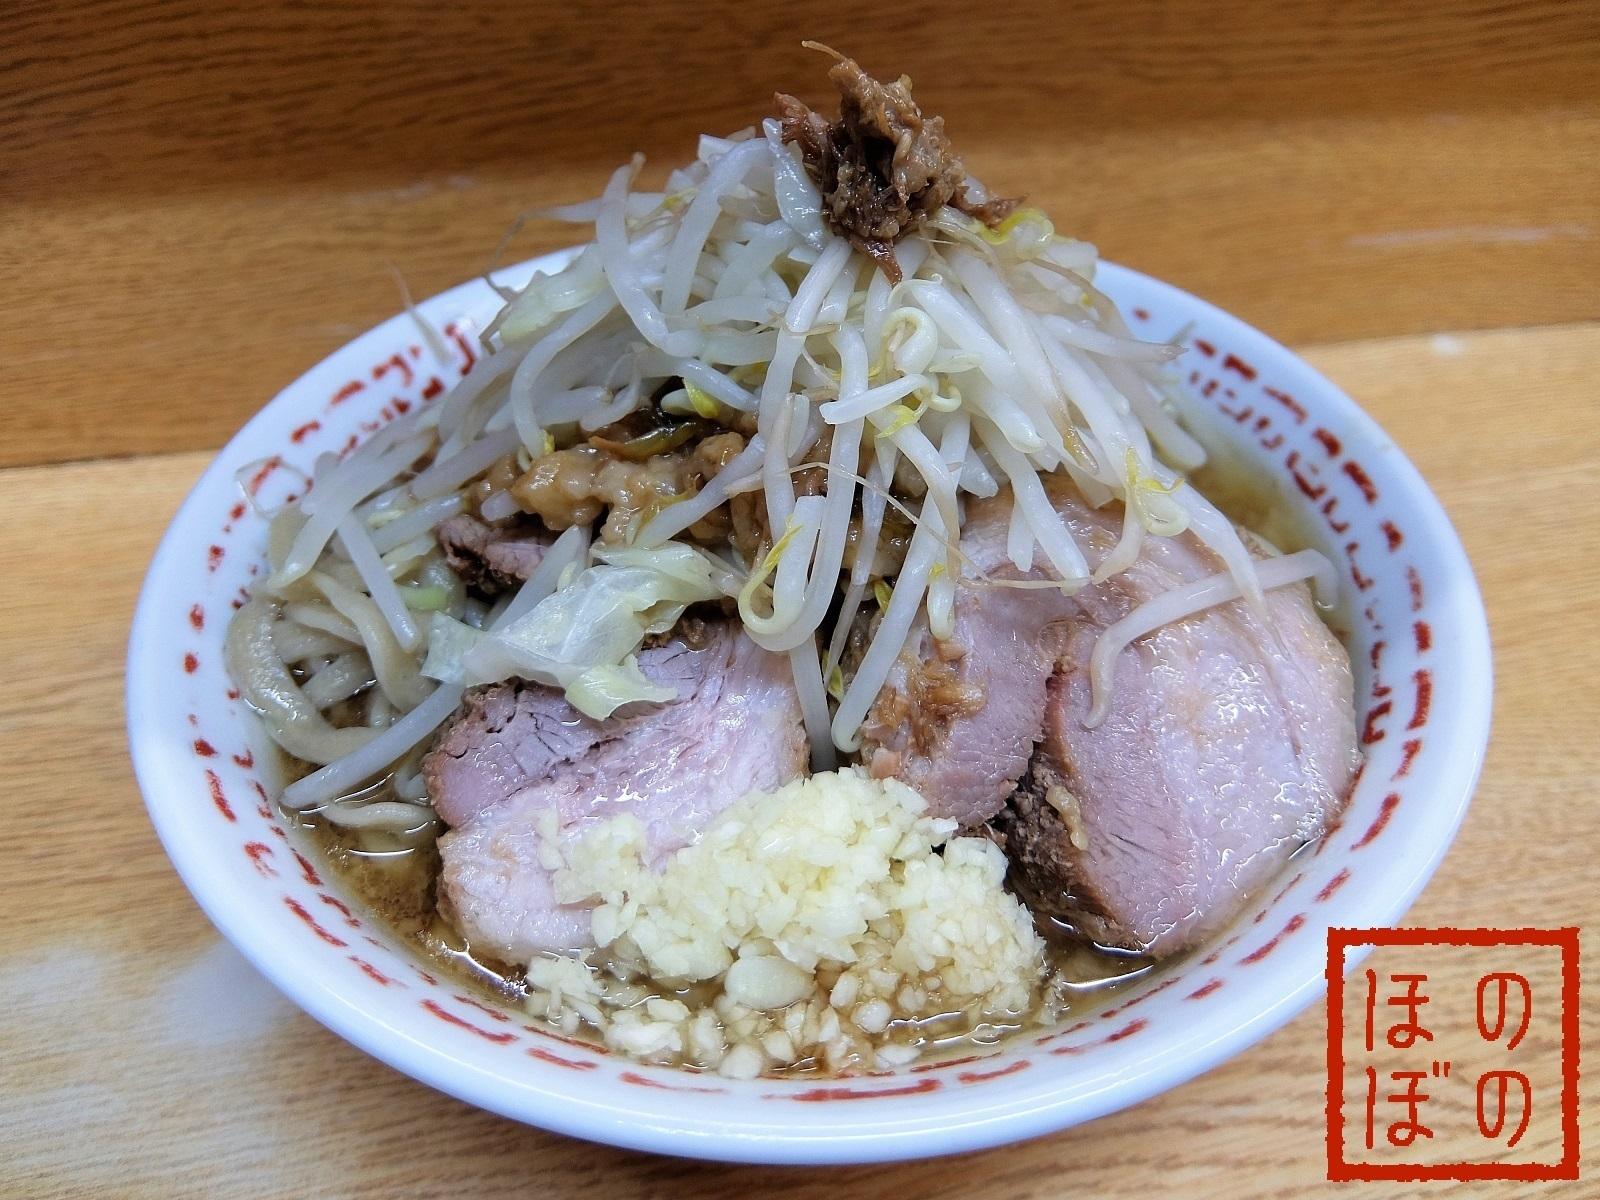 shinshindaita-jirou141.jpg